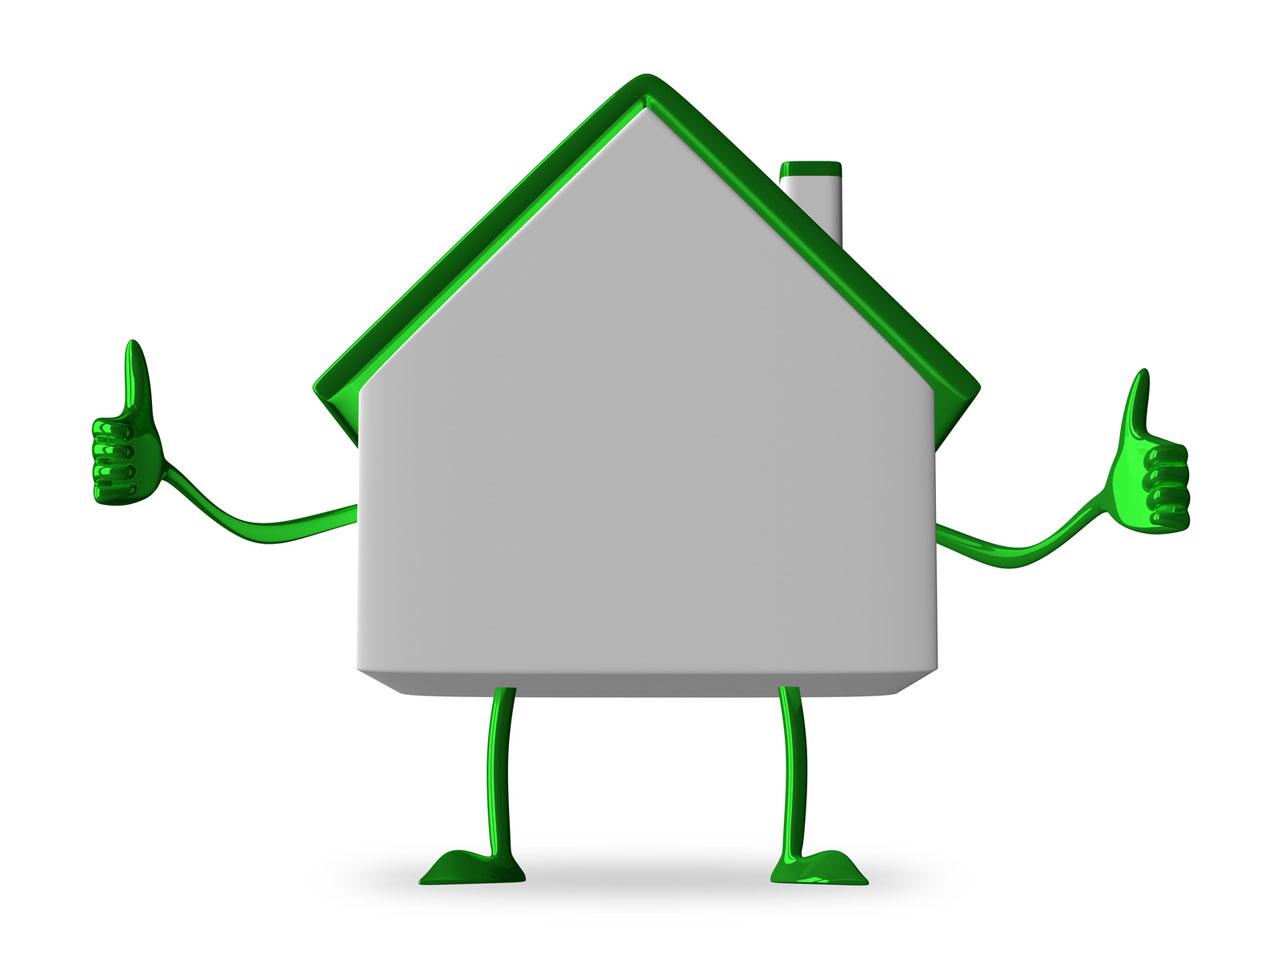 Un marché immobilier en bonne santé